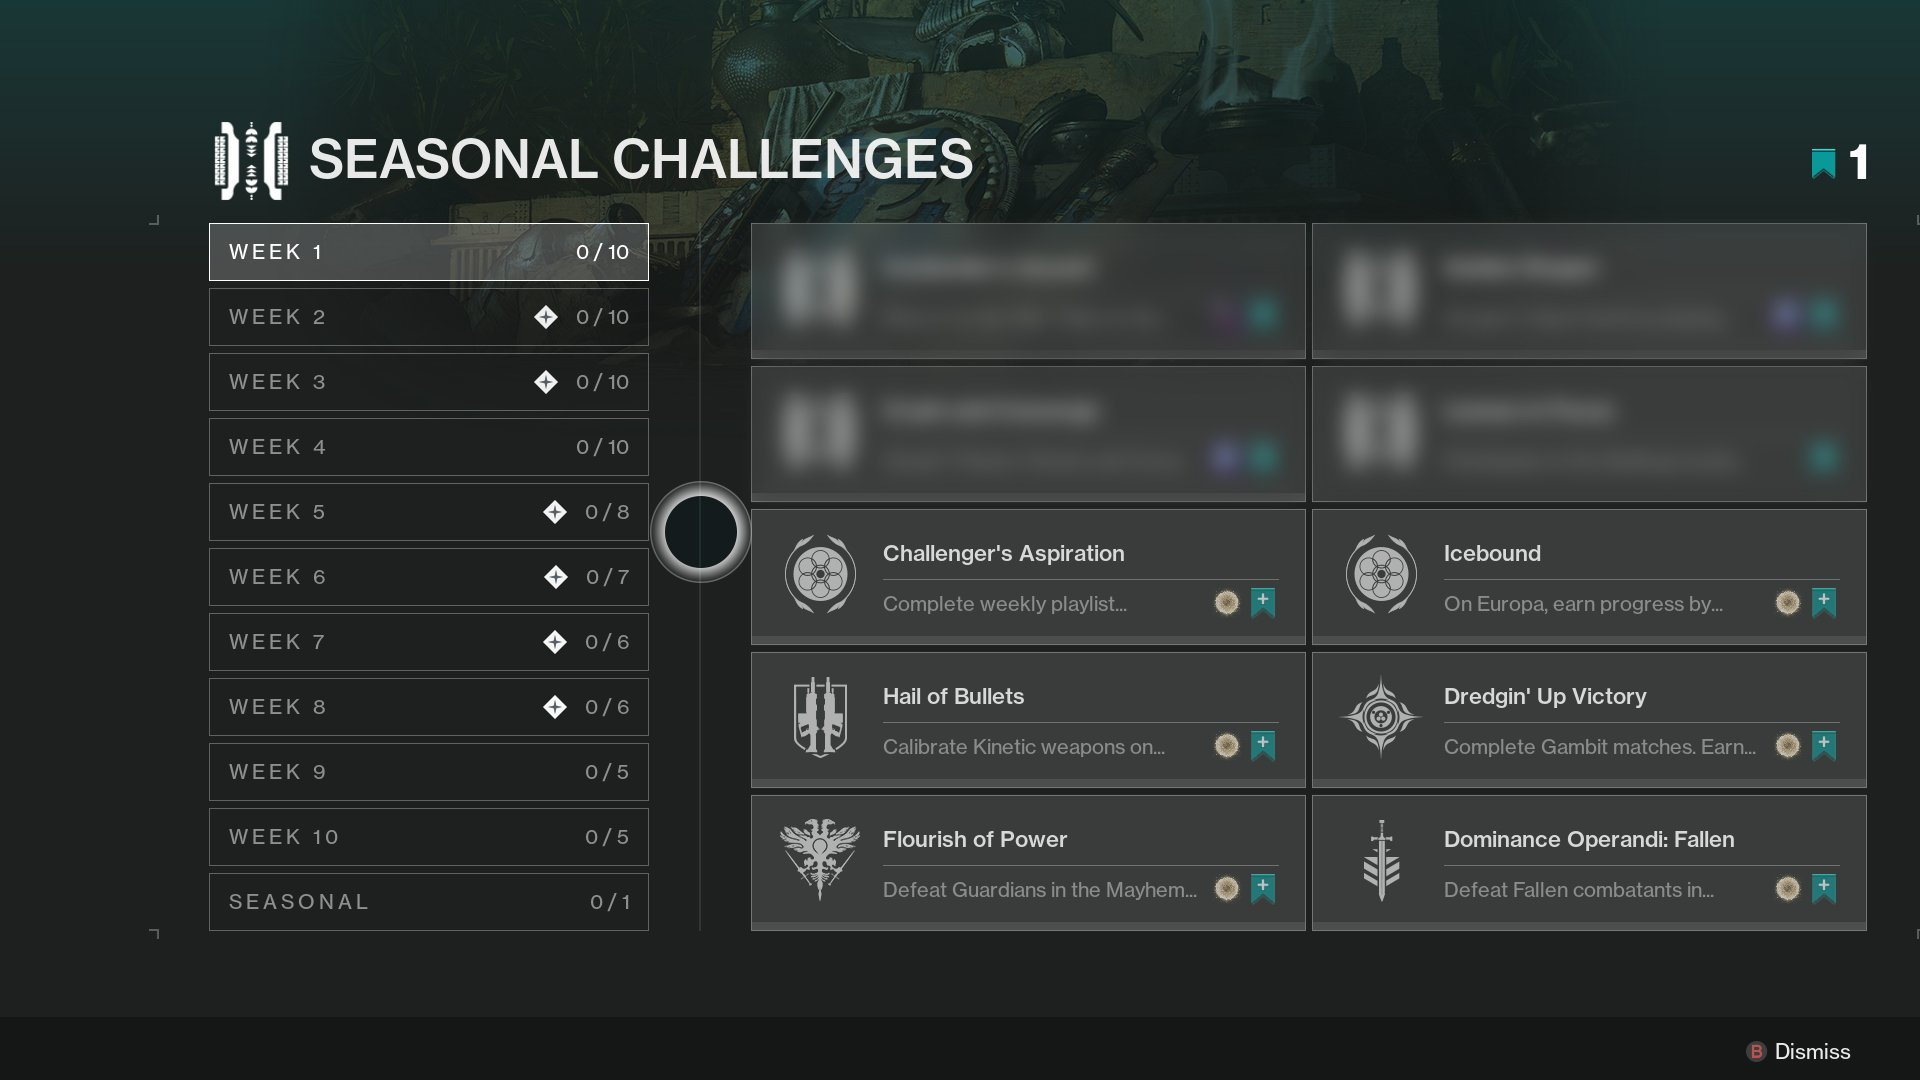 Destiny 2 - Seasonal Challenges